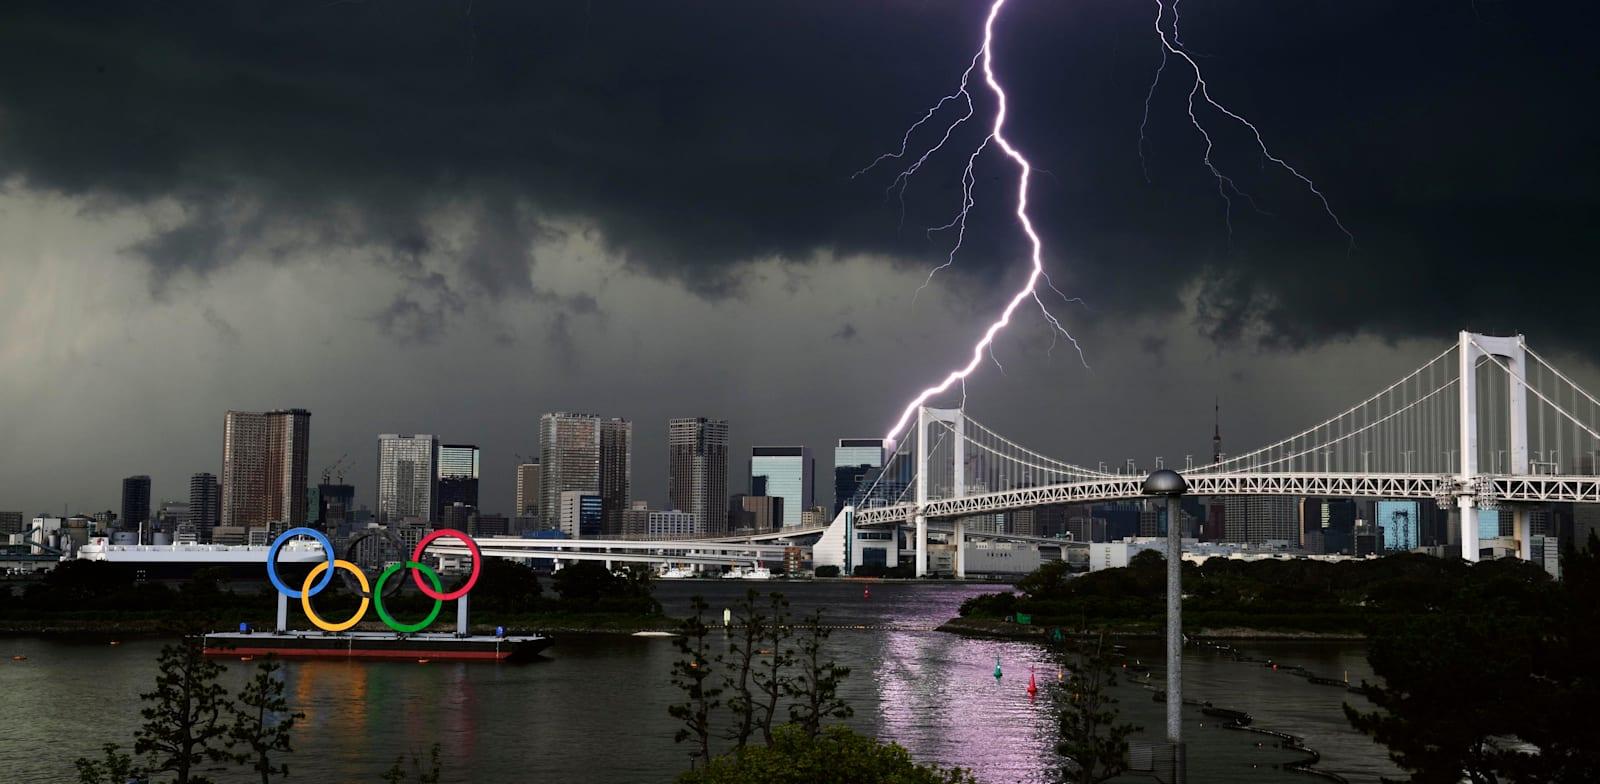 ברק בשמי טוקיו ליד סמל האולימפיאדה / צילום: Associated Press, Kyodo News